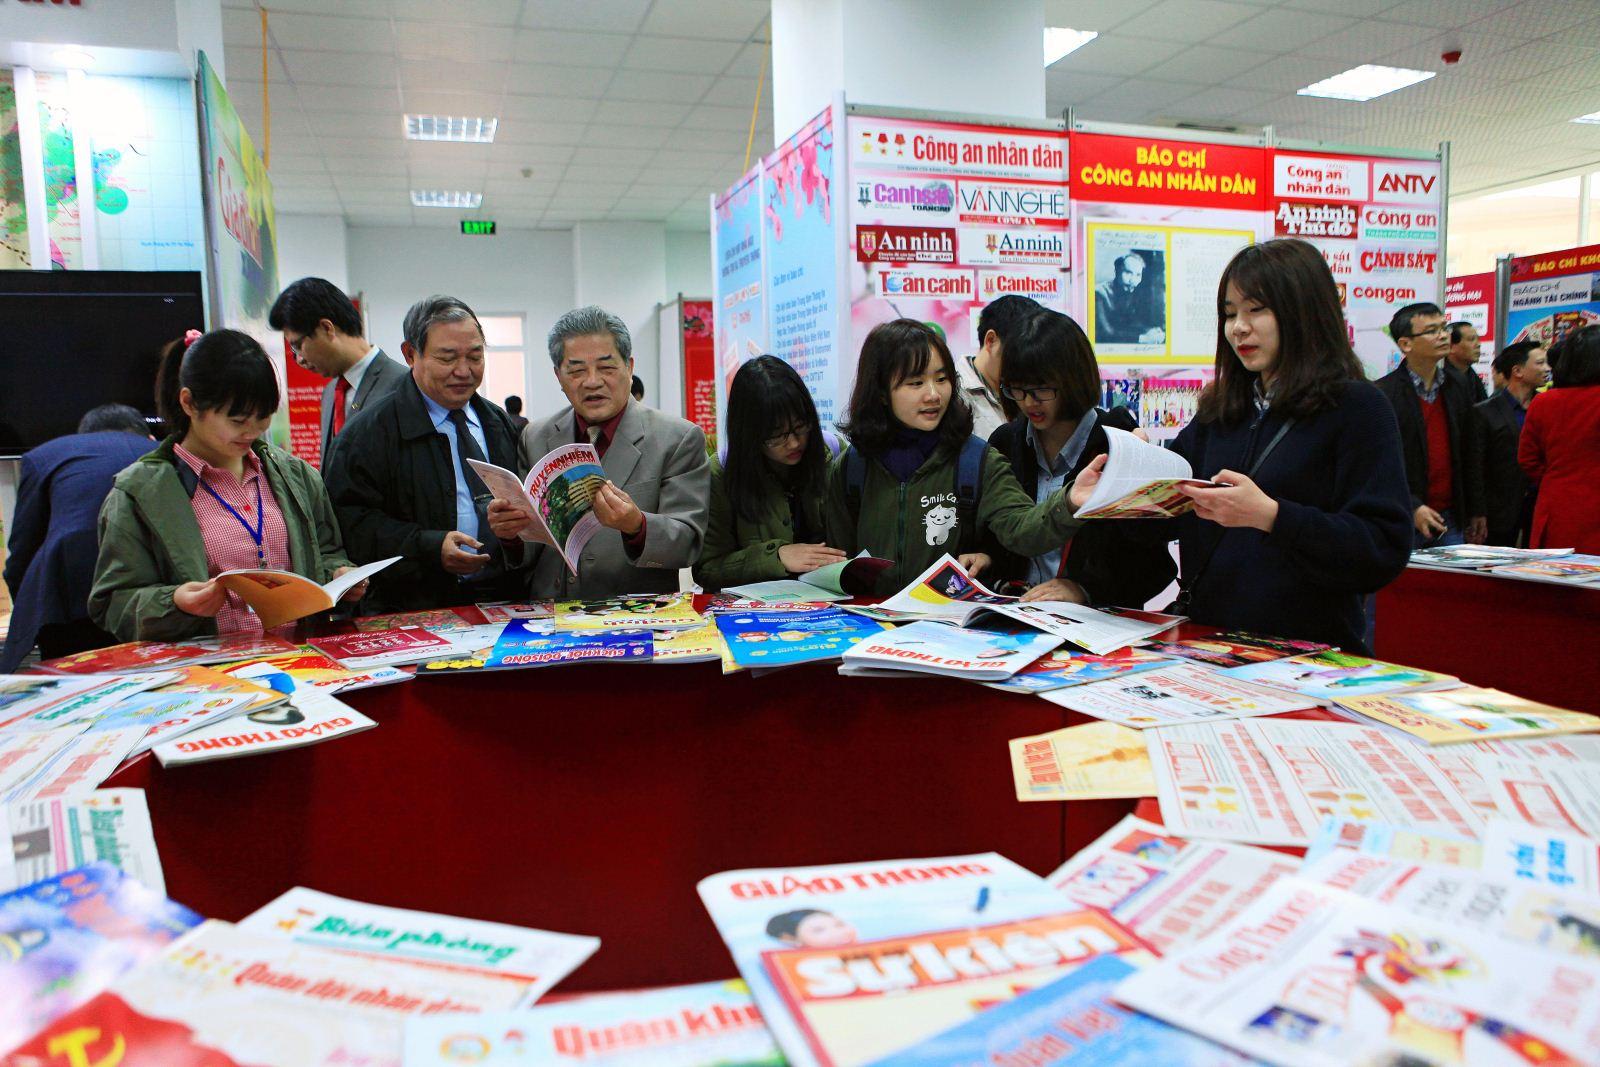 งานนิทรรศการหนังสือพิมพ์ปี๒๐๑๗จะมีขึ้นในเช้าวันที่๑๗มีนาคม ณ กรุงฮานอย